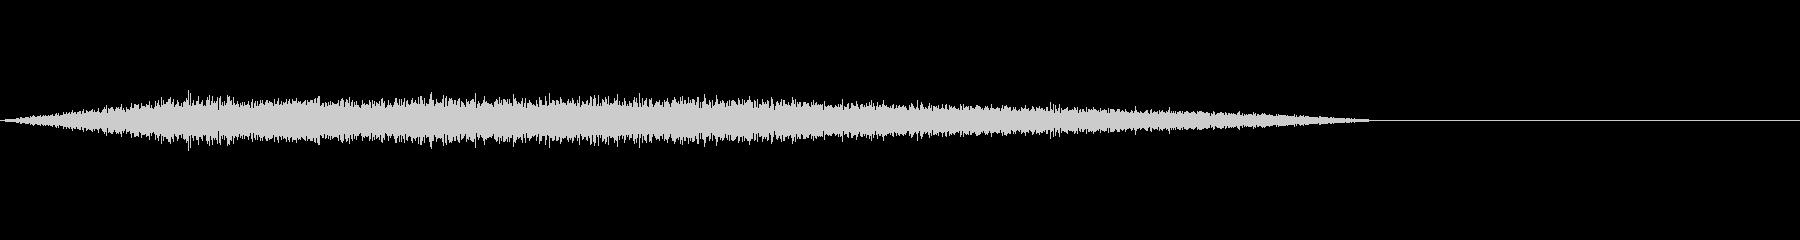 ゲームやアニメに良くある魔法詠唱の効果音の未再生の波形